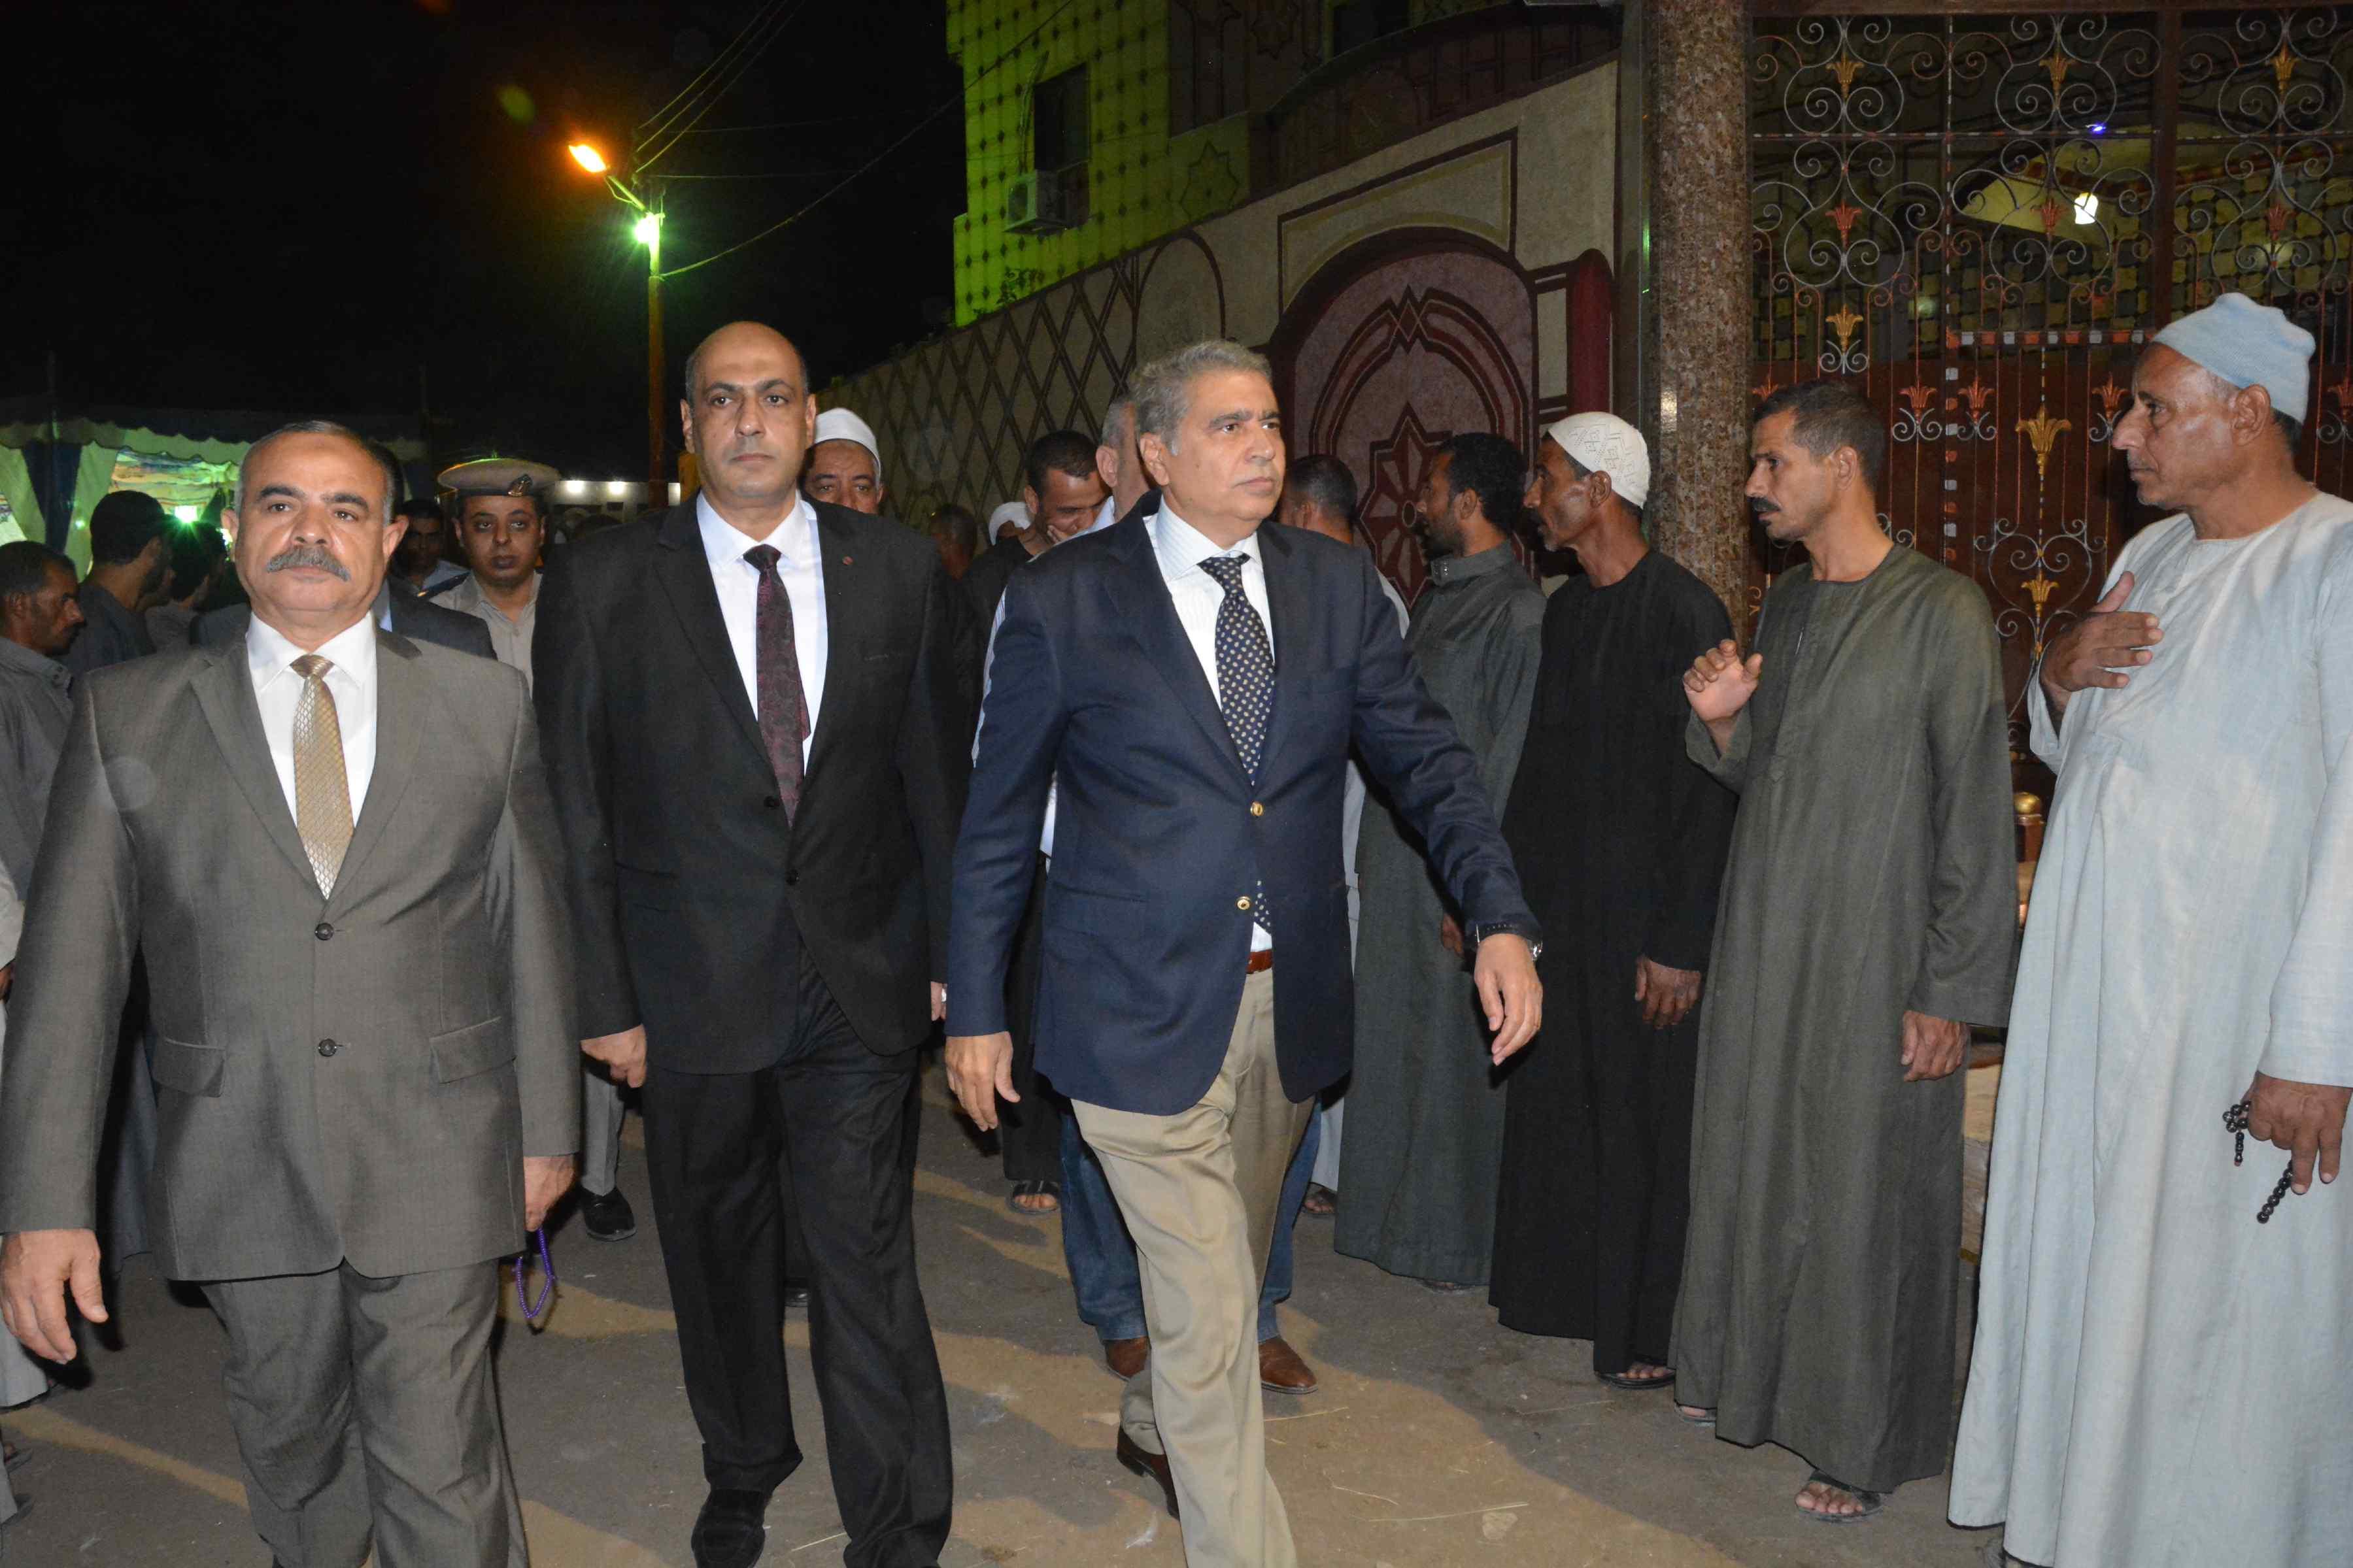 محافظ المنيا ومدير الأمن يقدمان واجب العزاء  (7)